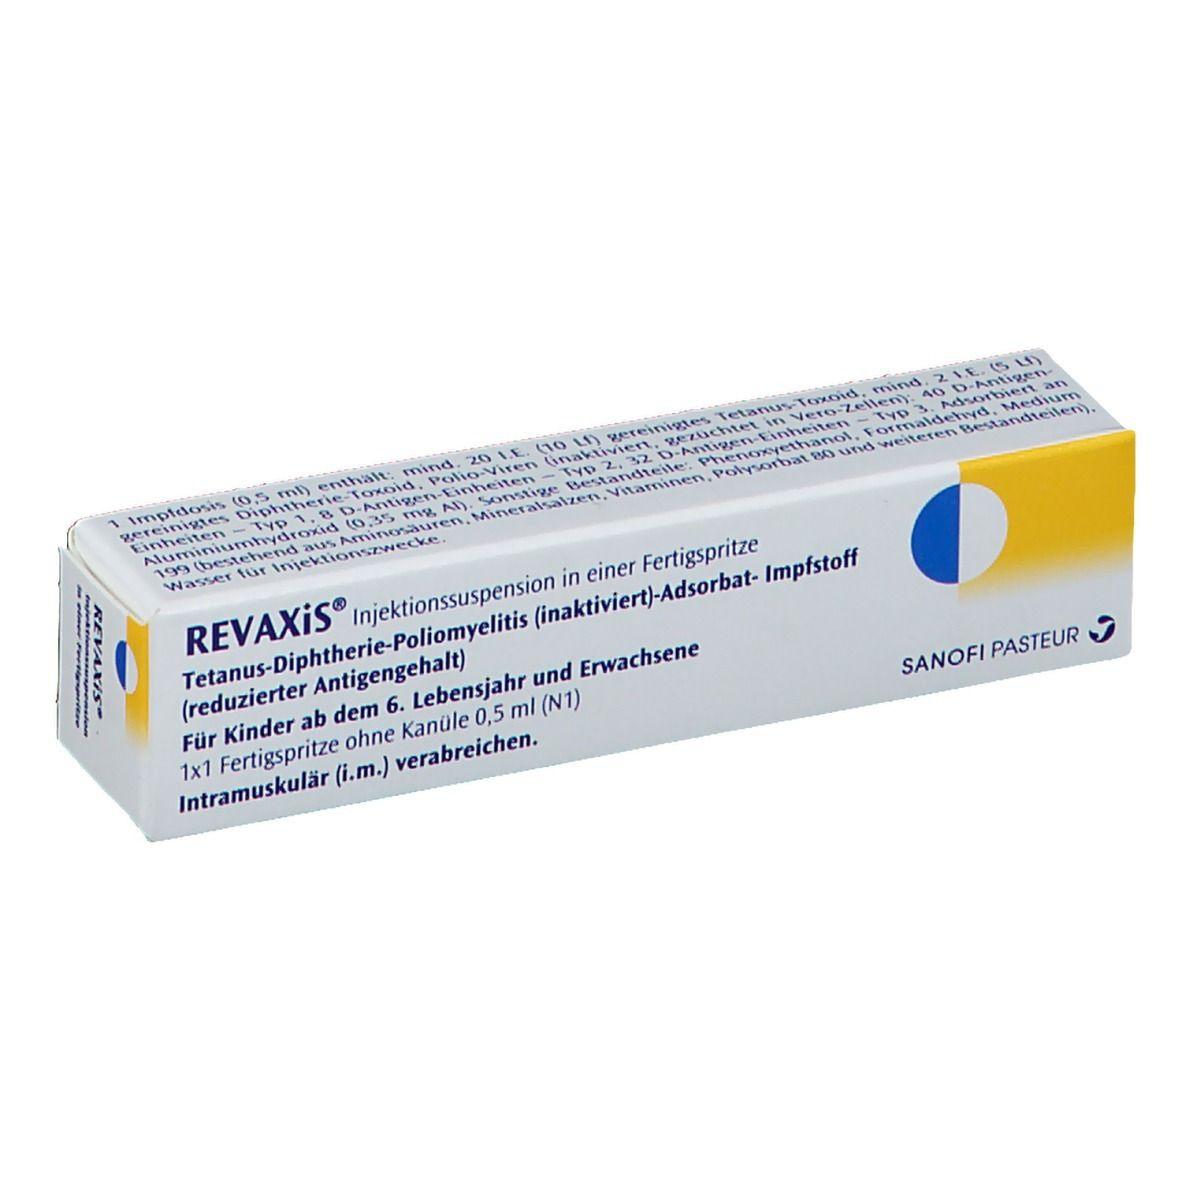 Revaxis Injektionssuspension In Einer Fertigspritze 1x1 St Shop Apotheke Com